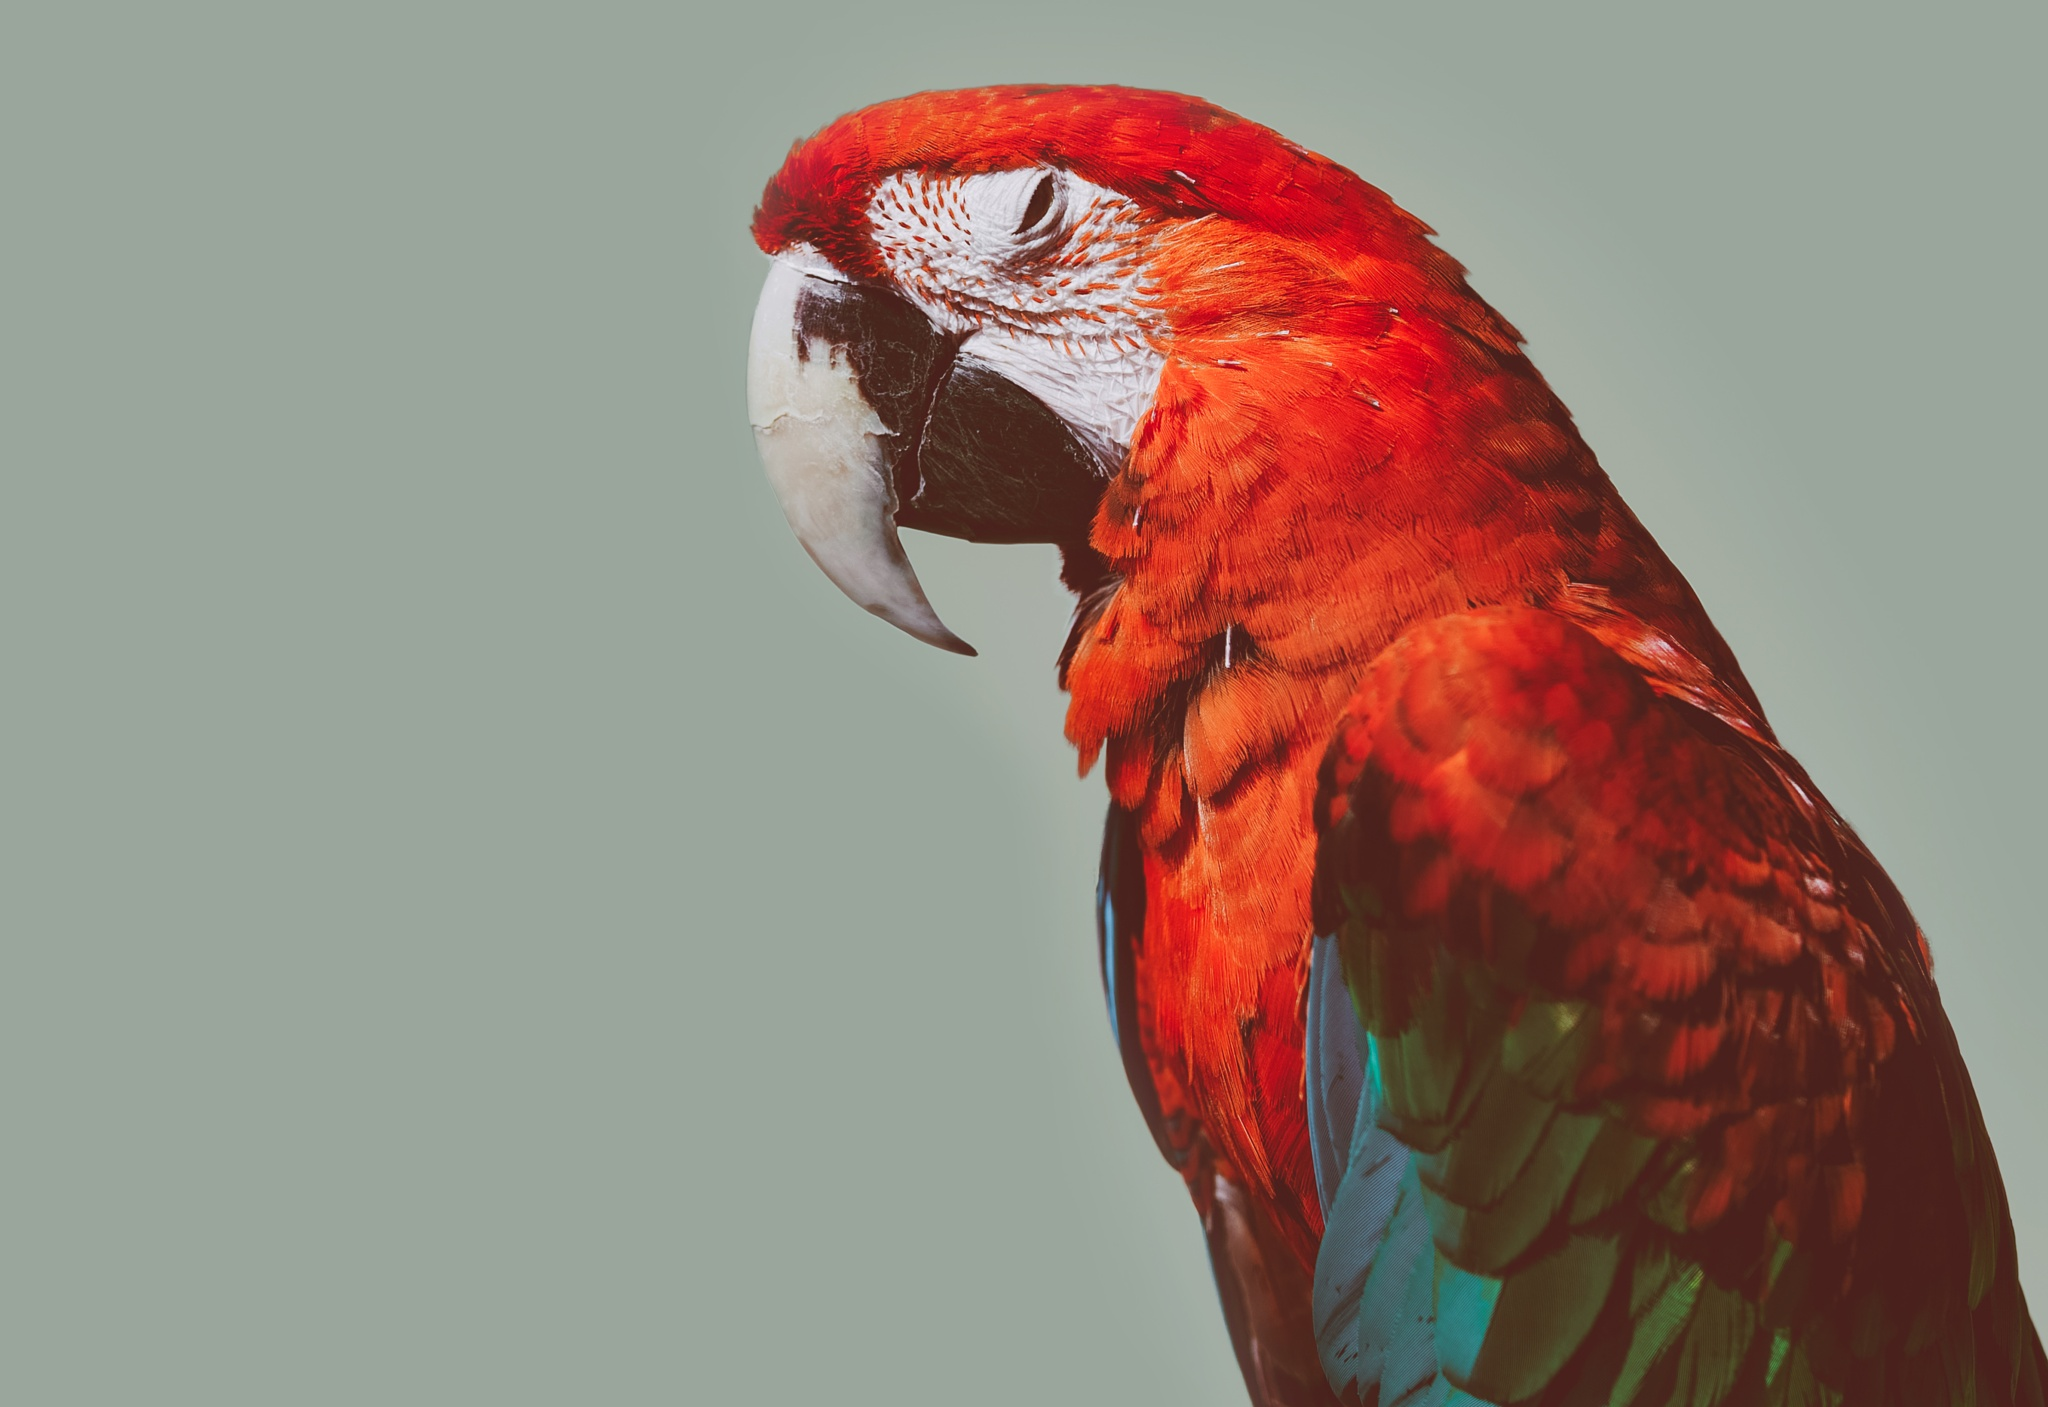 Macaw by Quintin Gellar